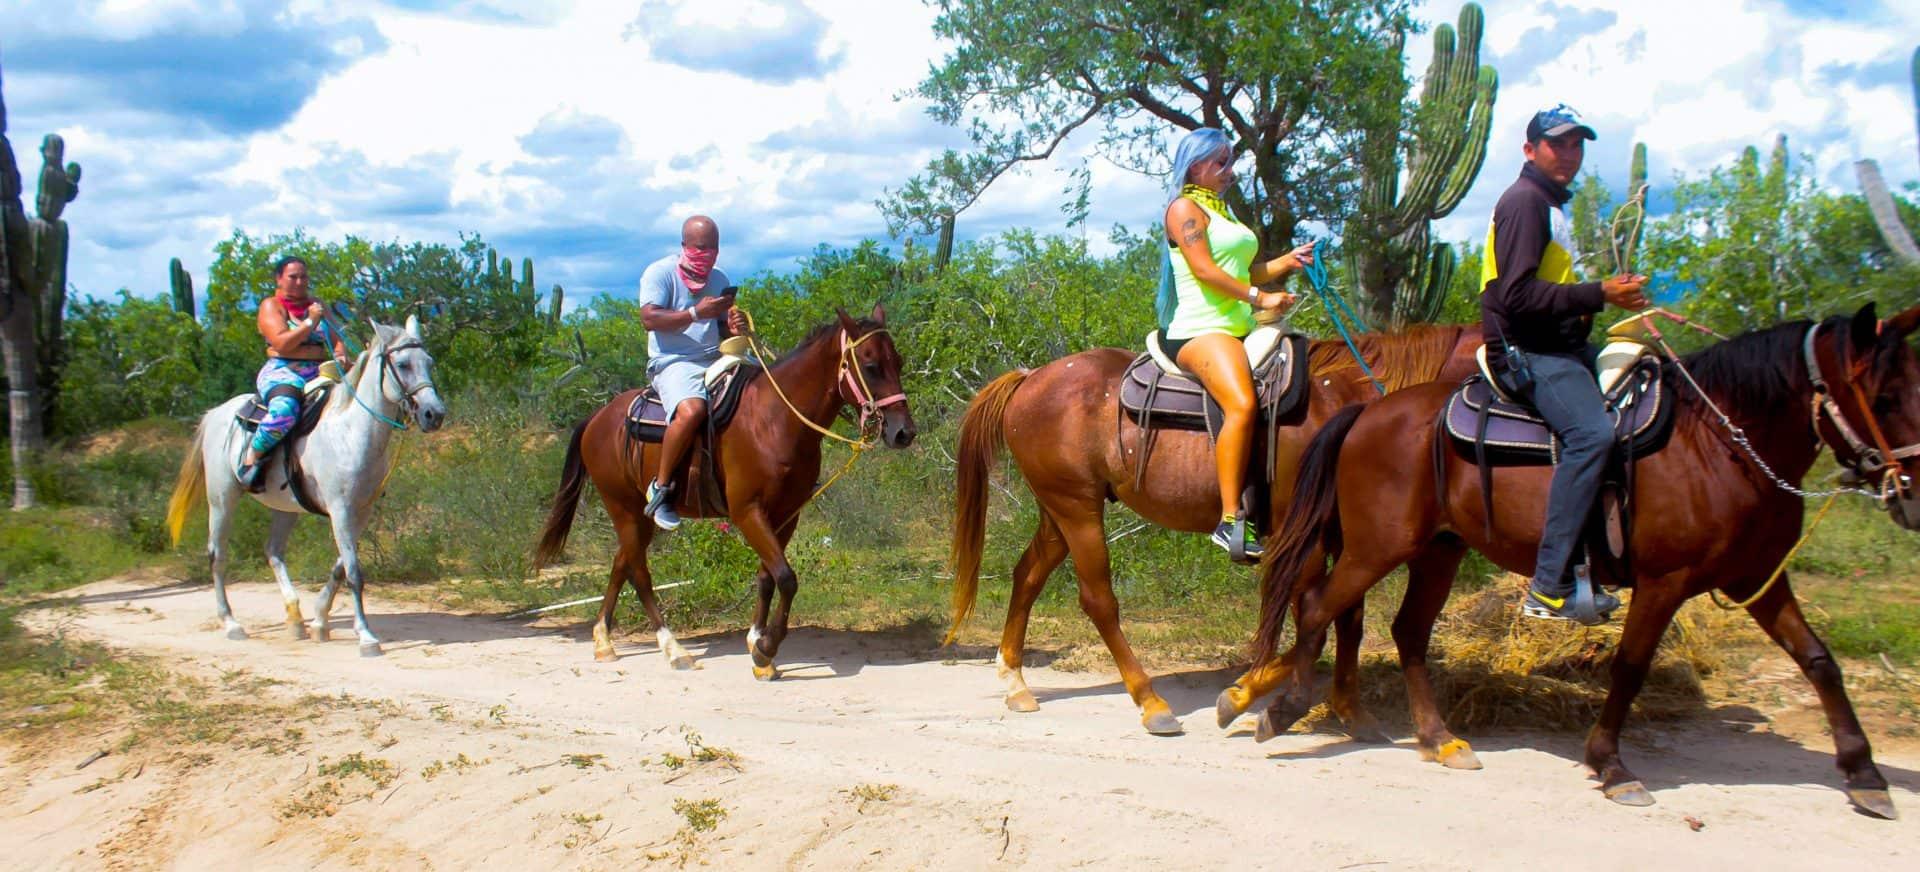 Cabo Horseback Rides Cabo San Lucas Cruise Excursions